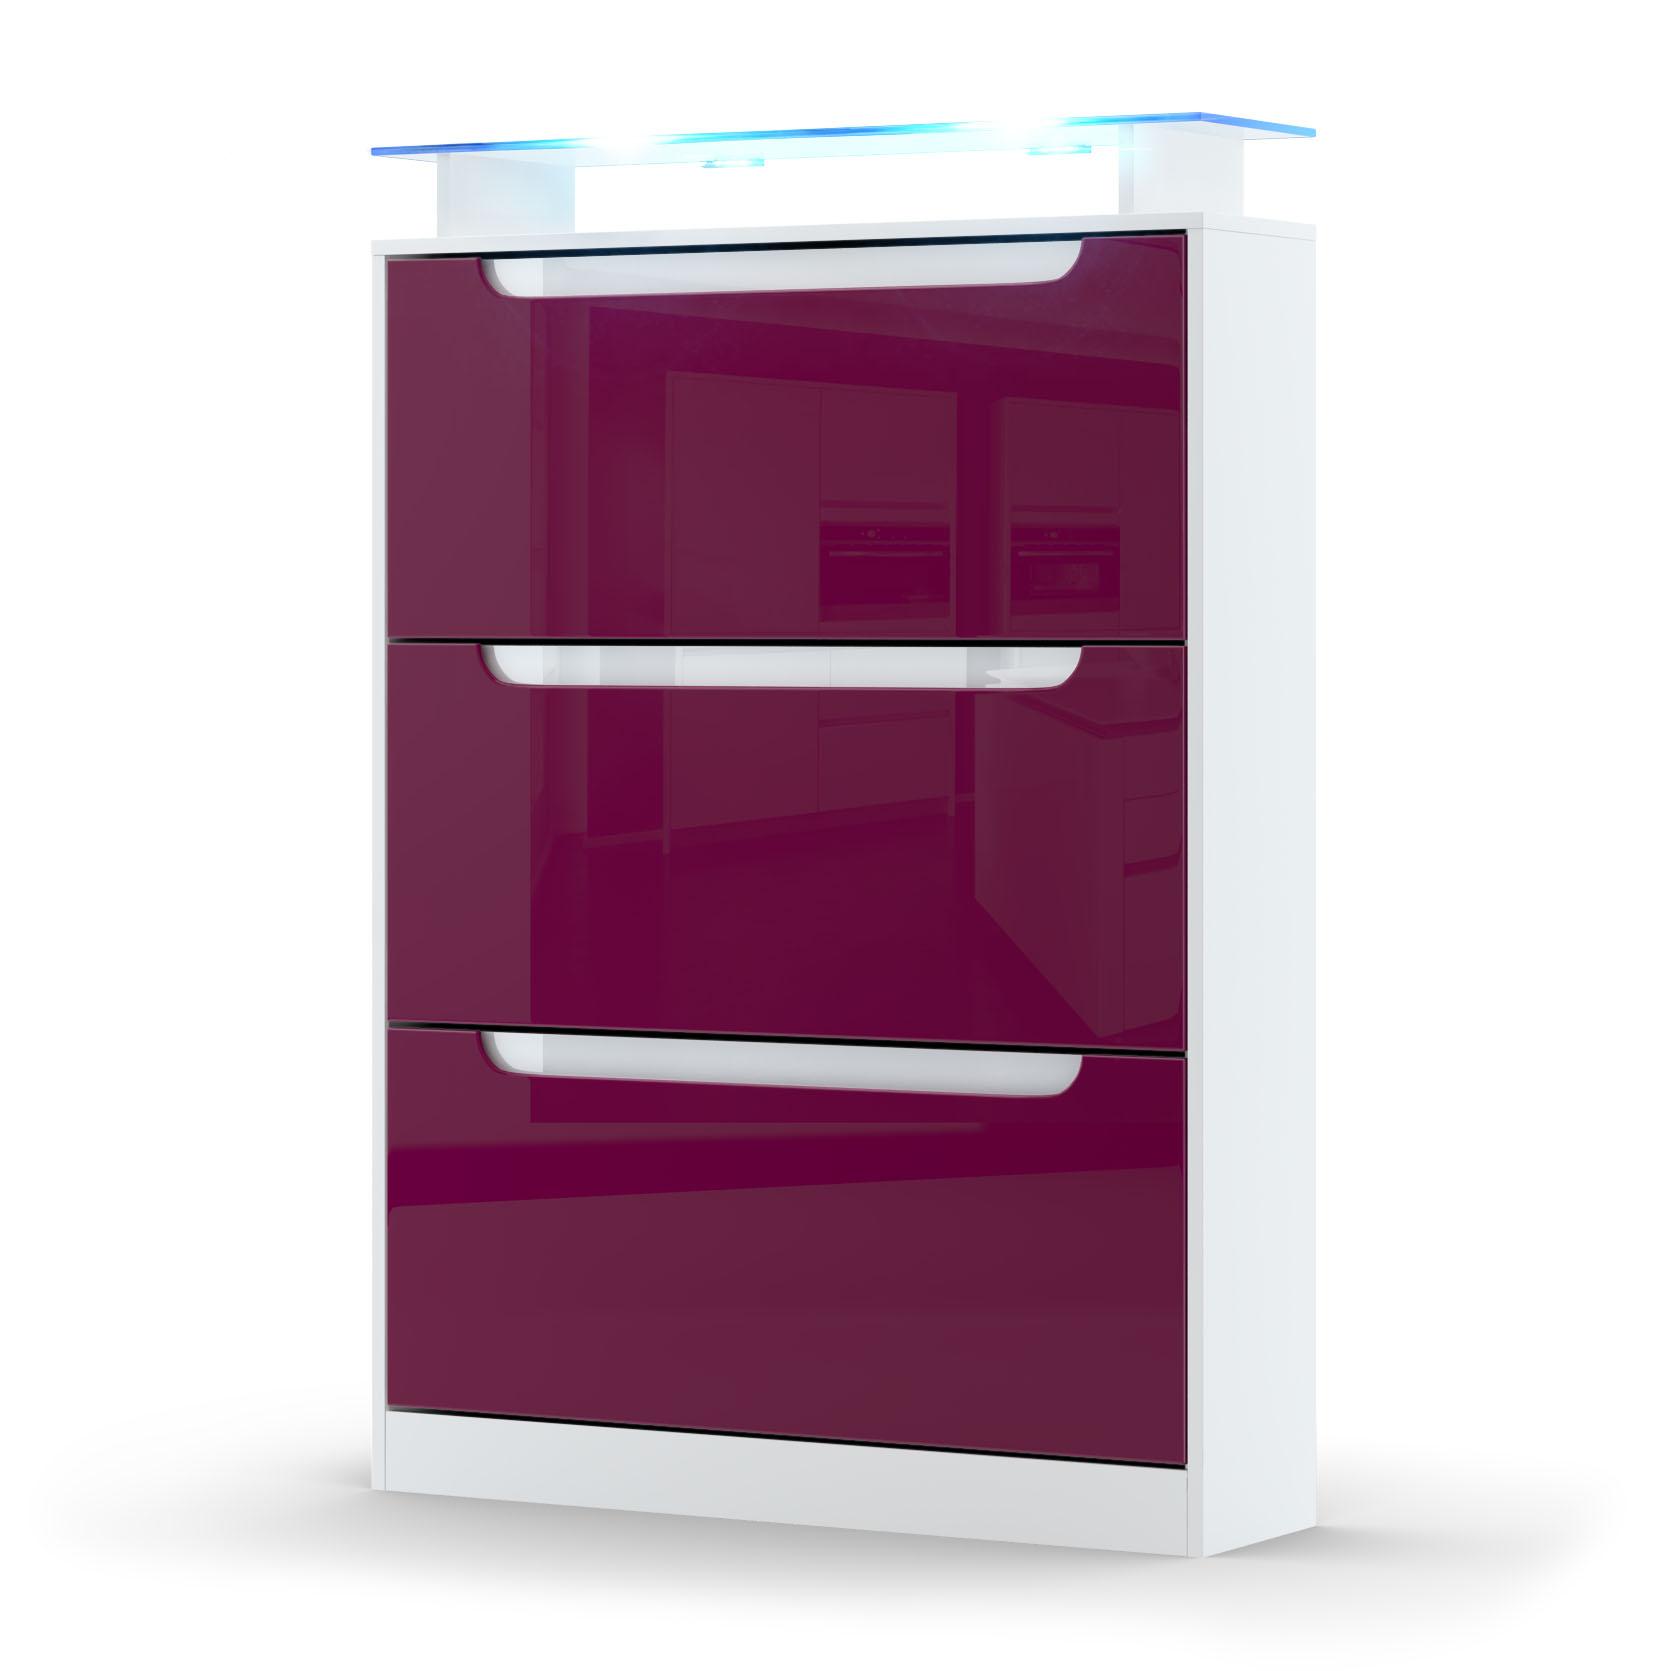 schuhschrank schuhkipper diele flur space in wei hochglanz naturt ne ebay. Black Bedroom Furniture Sets. Home Design Ideas